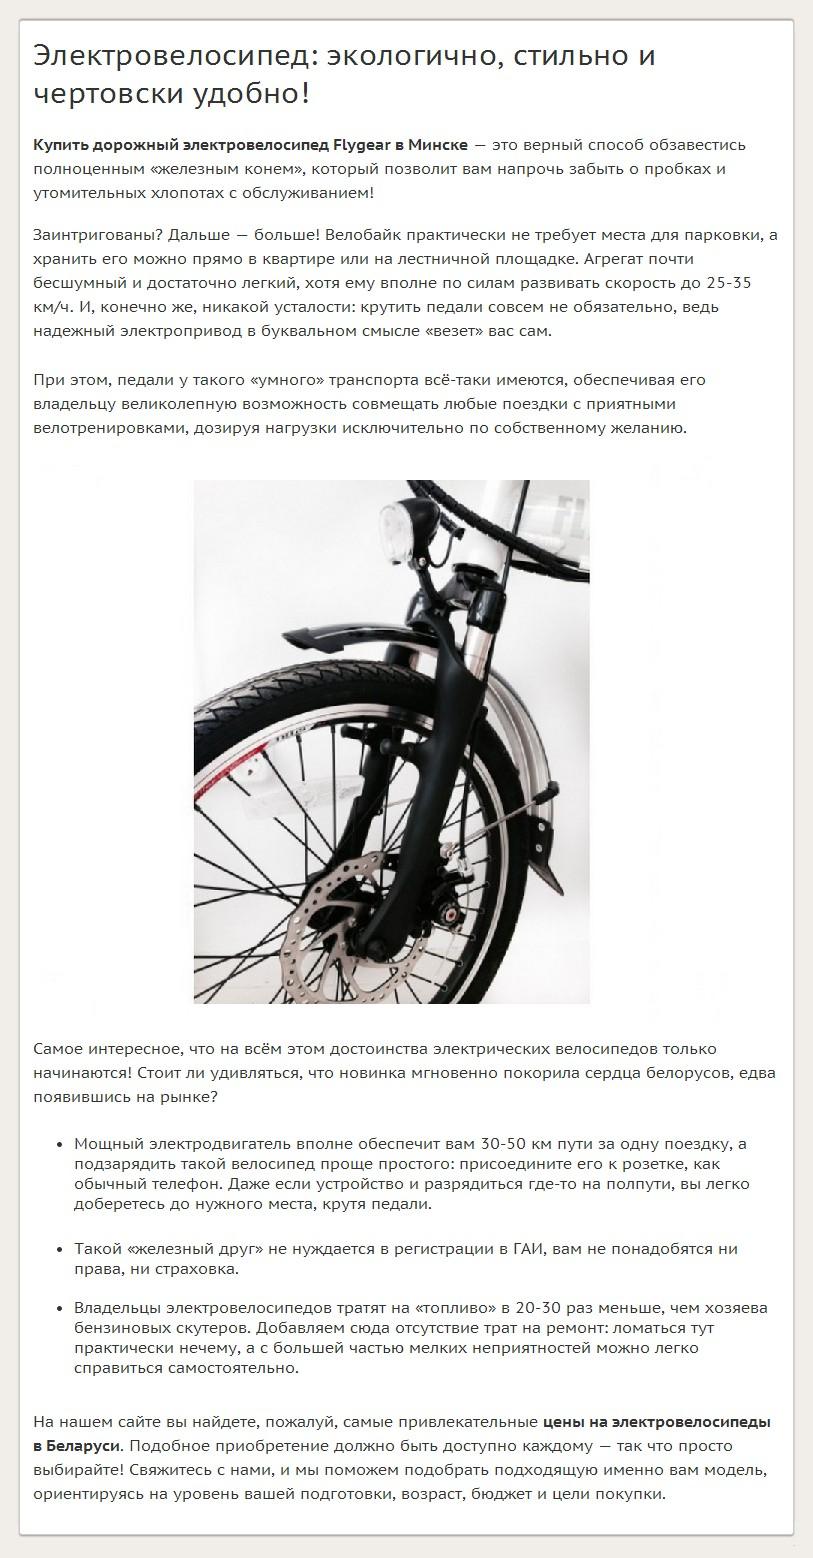 Электровелосипед: экологично, стильно и чертовски удобно!